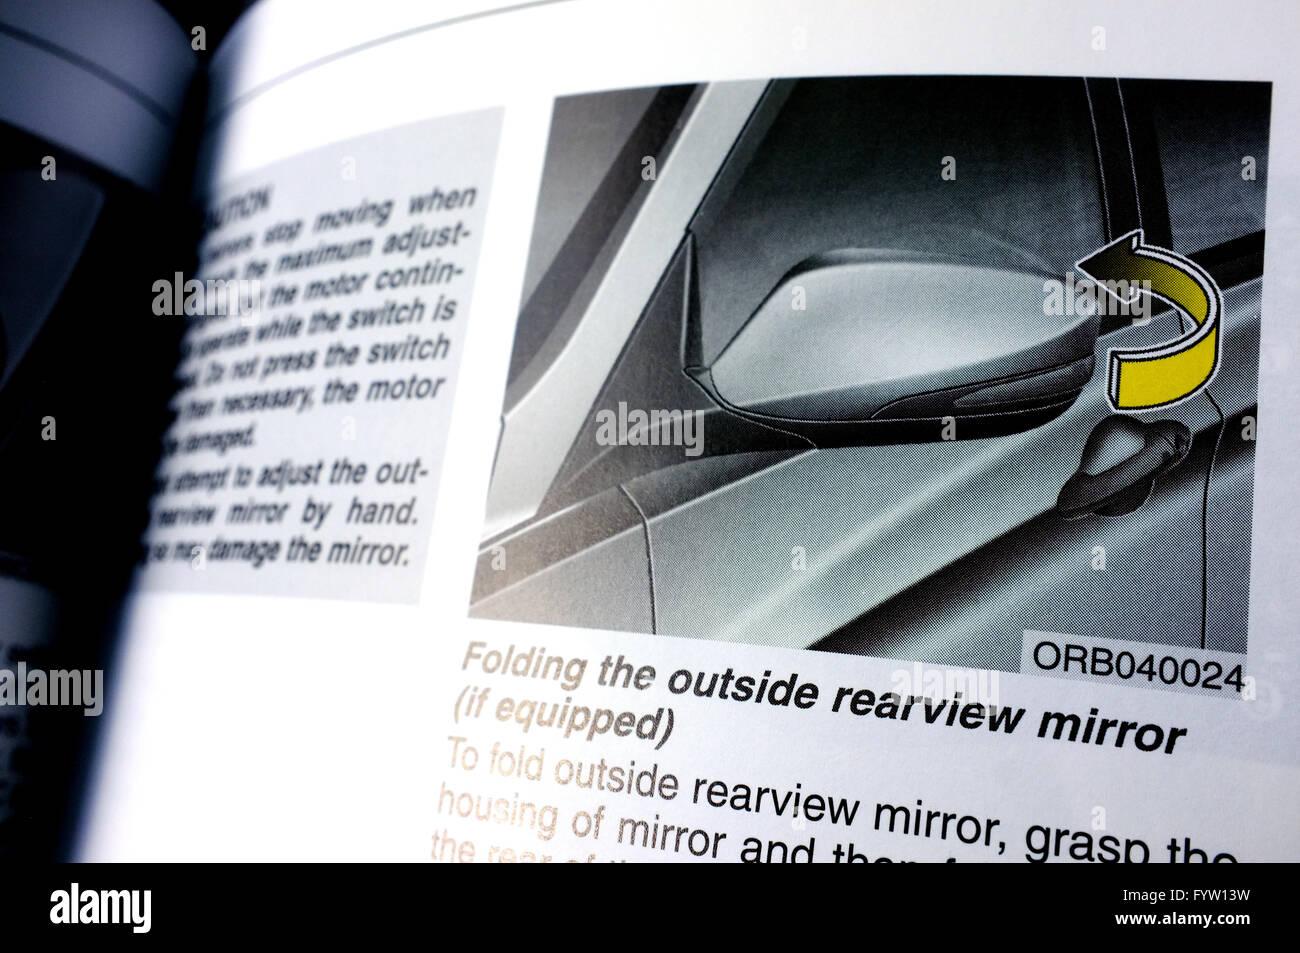 Pagine circa lo specchio retrovisore in un Hyundai Accent Manuale del proprietario. Immagini Stock